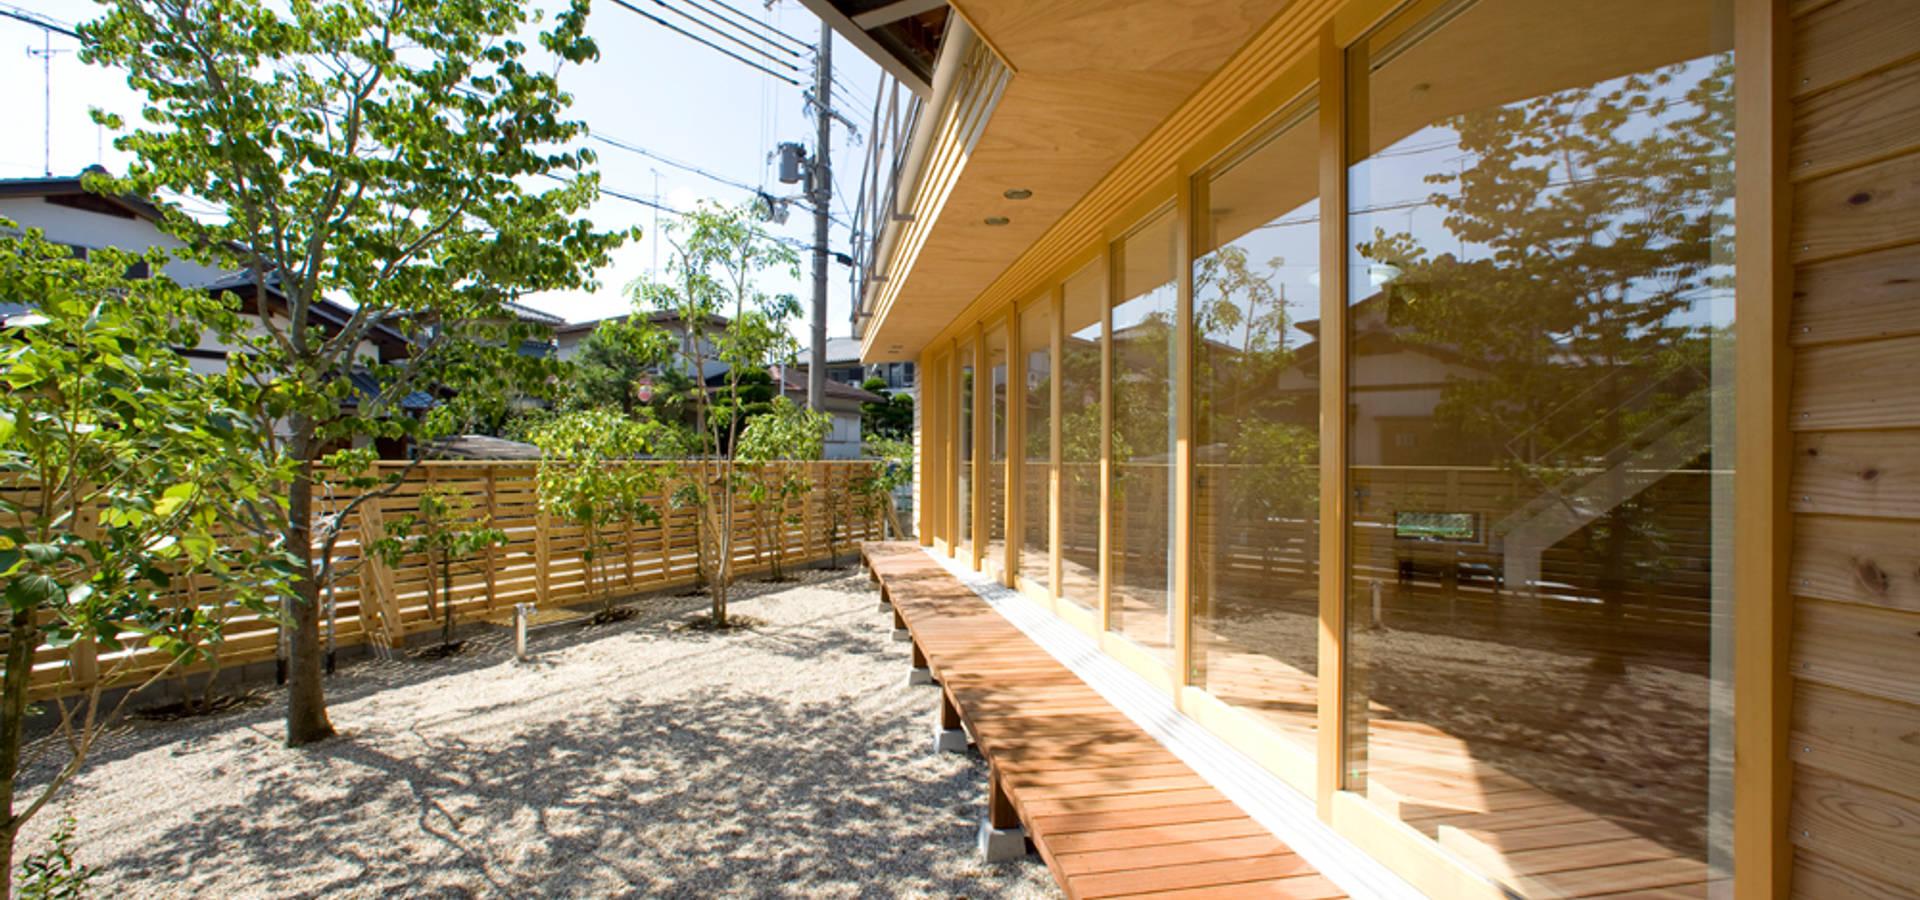 松下建築設計 一級建築士事務所/Matsushita Architects